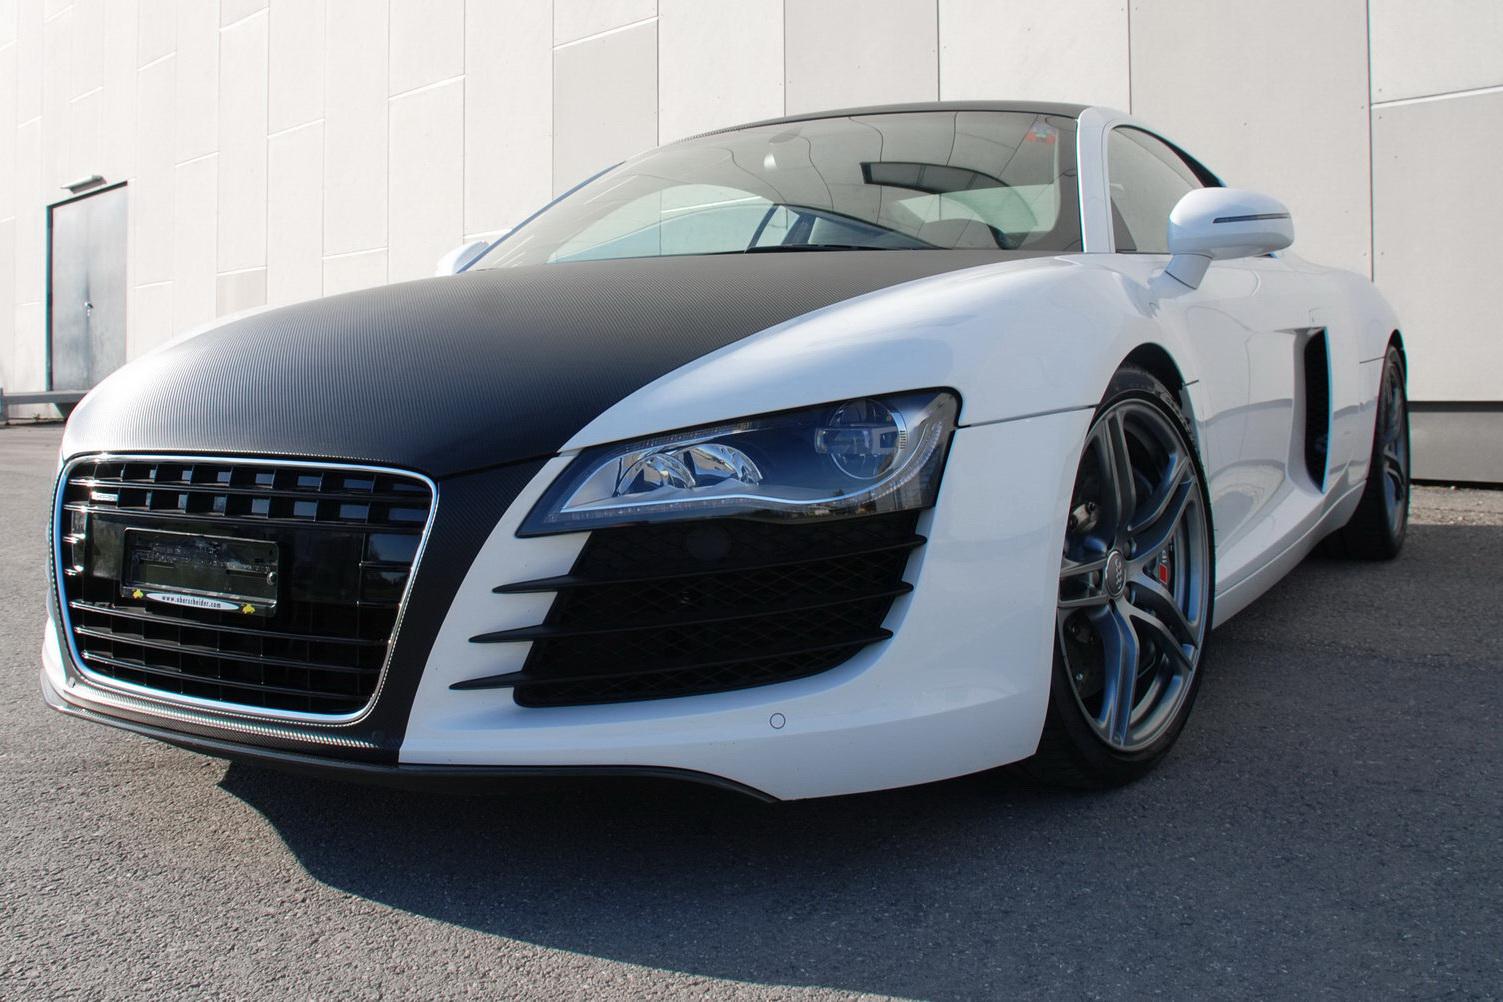 Audi R8 od O.CT. Tuning 1